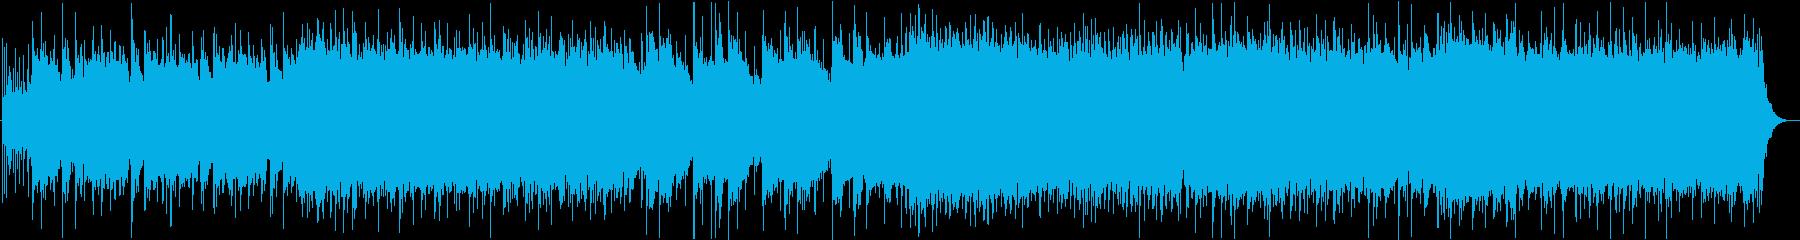 バトルやゾンビなどに合うメタルBGMの再生済みの波形